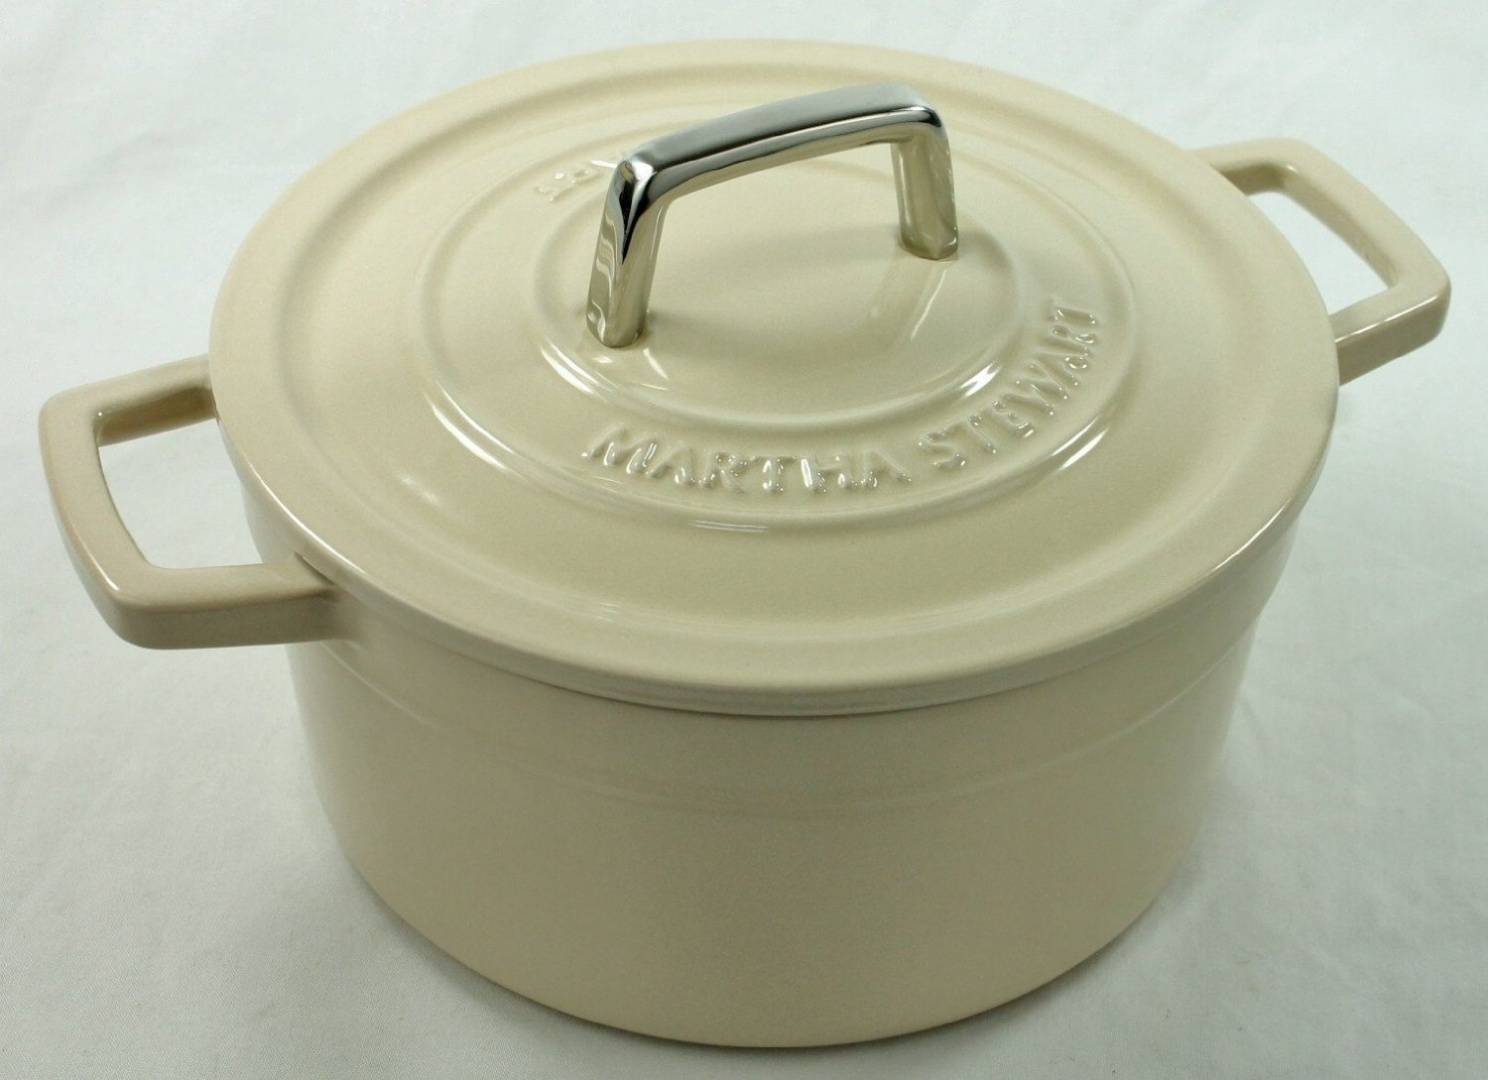 【並行輸入品】マーサ・スチュワートコレクション エナメル 鋳鉄 丸型 キャセロール 3Qt (アイボリー)